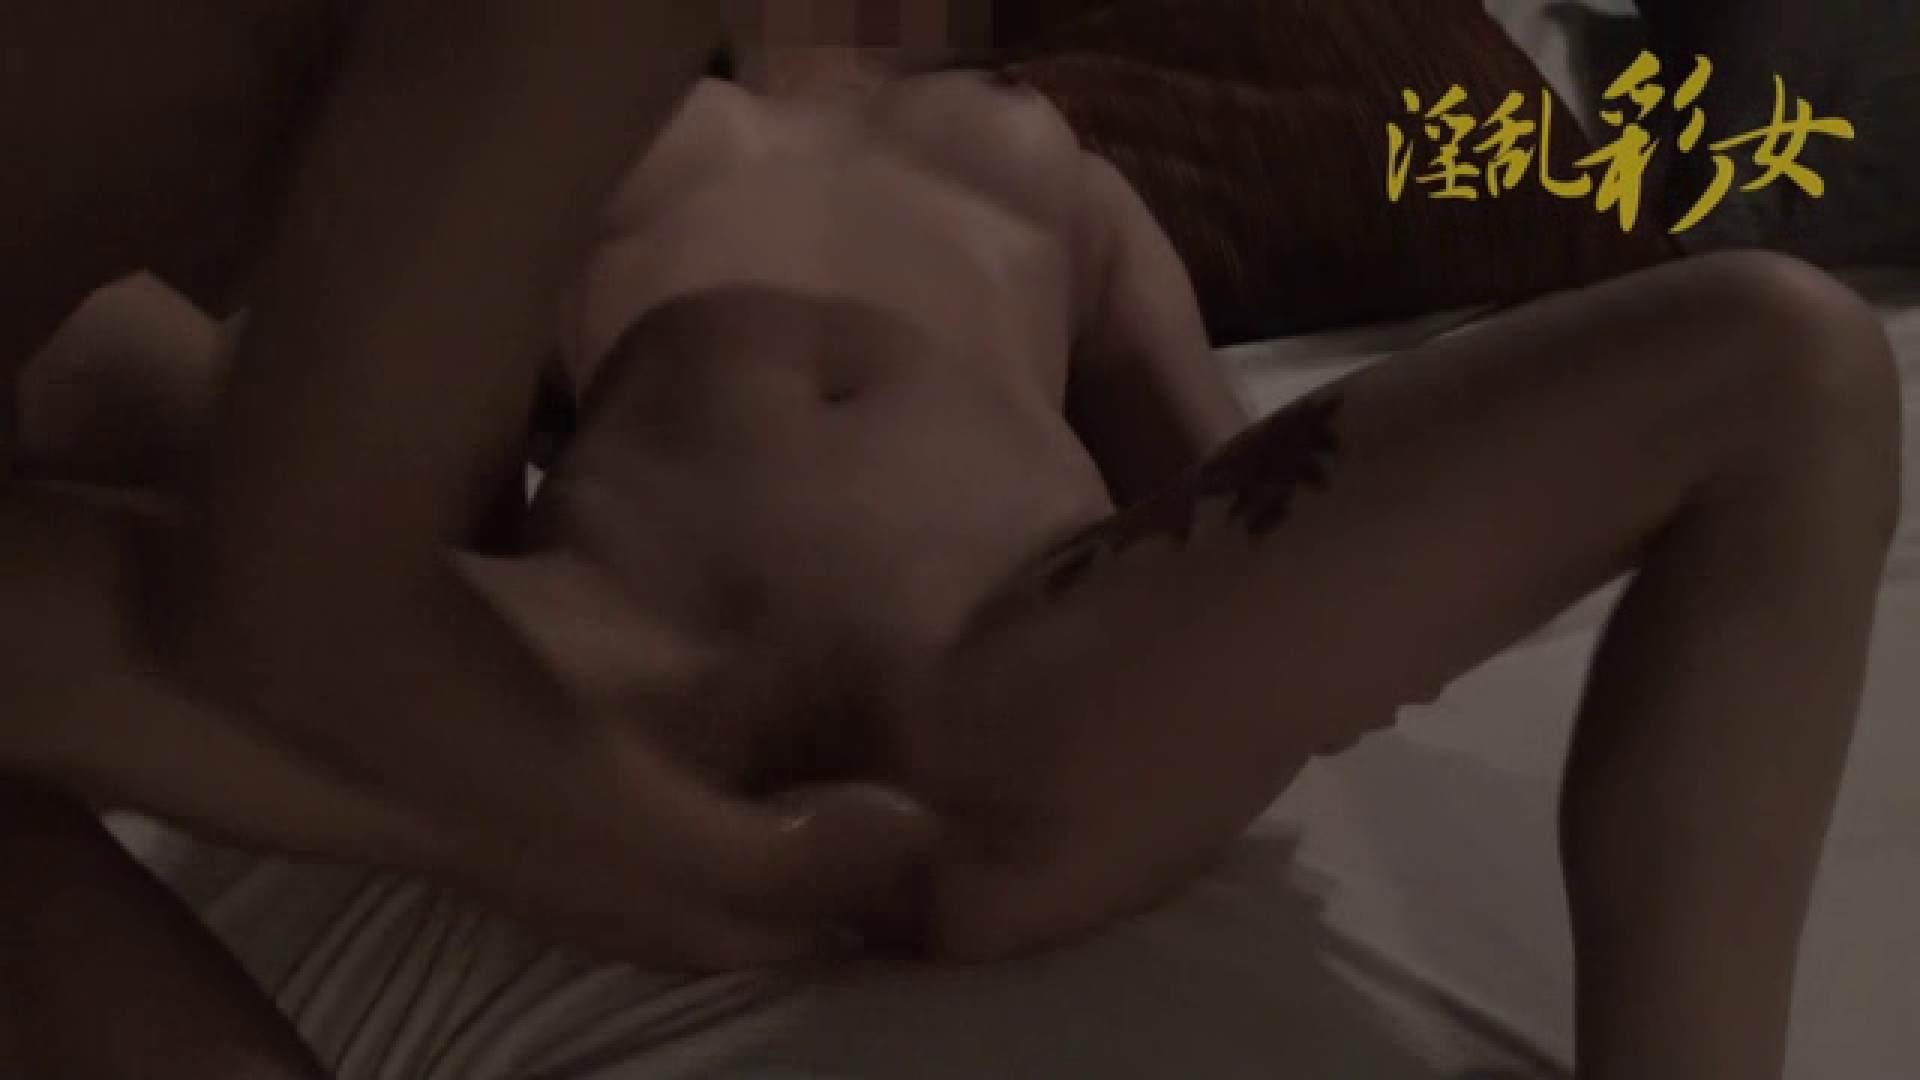 淫乱彩女麻優里 36歳単独さん 他人棒 | 一般投稿  77画像 47